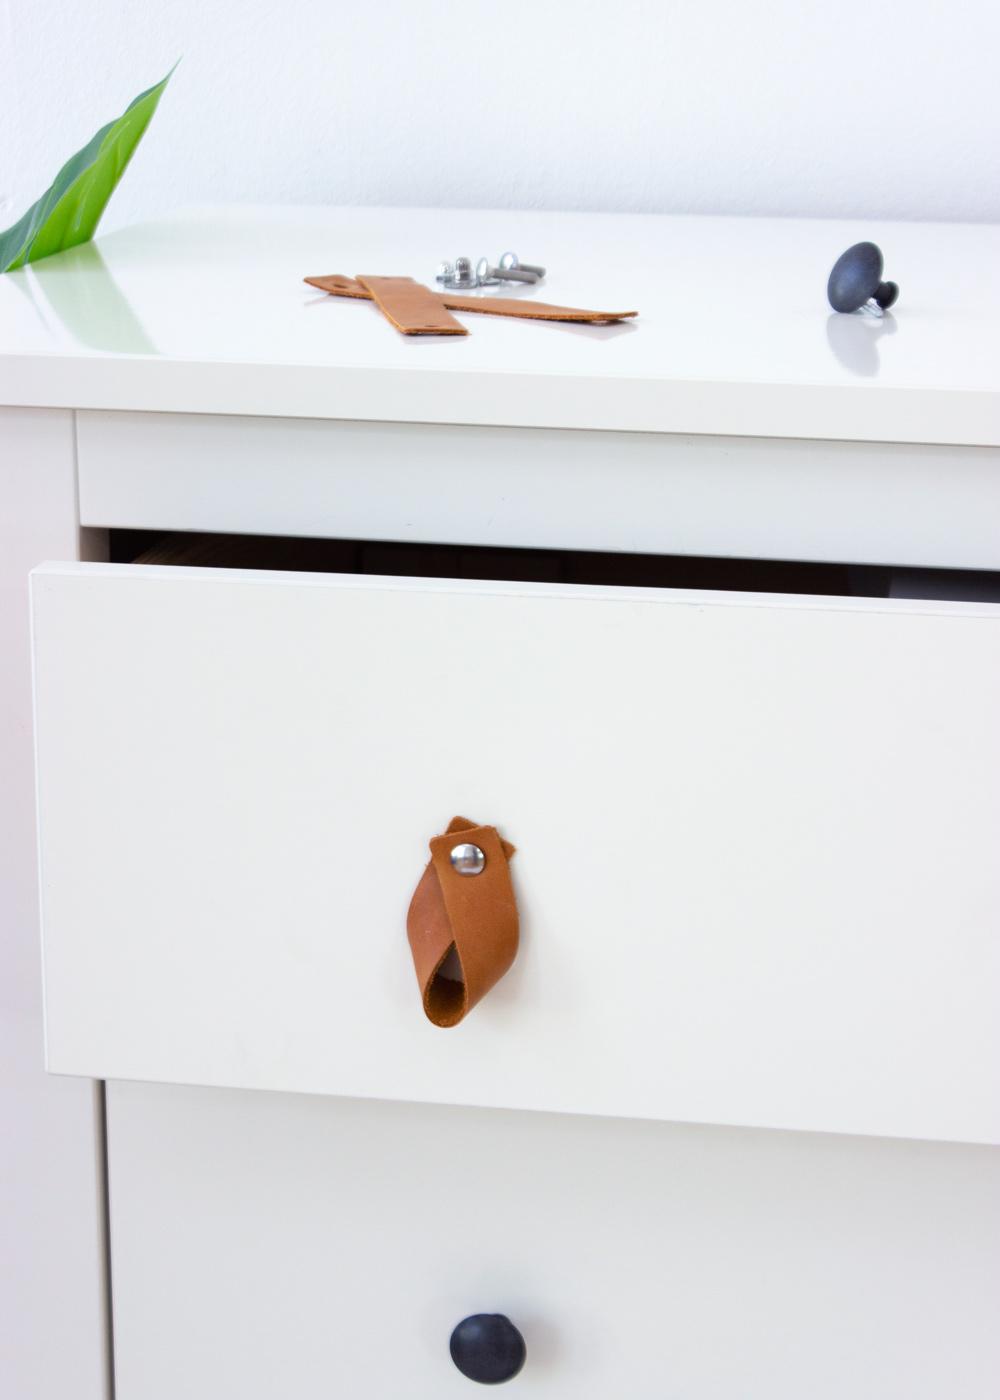 Ledergriffe Ikea Möbel Läderig Teilansicht Kommode Austausch